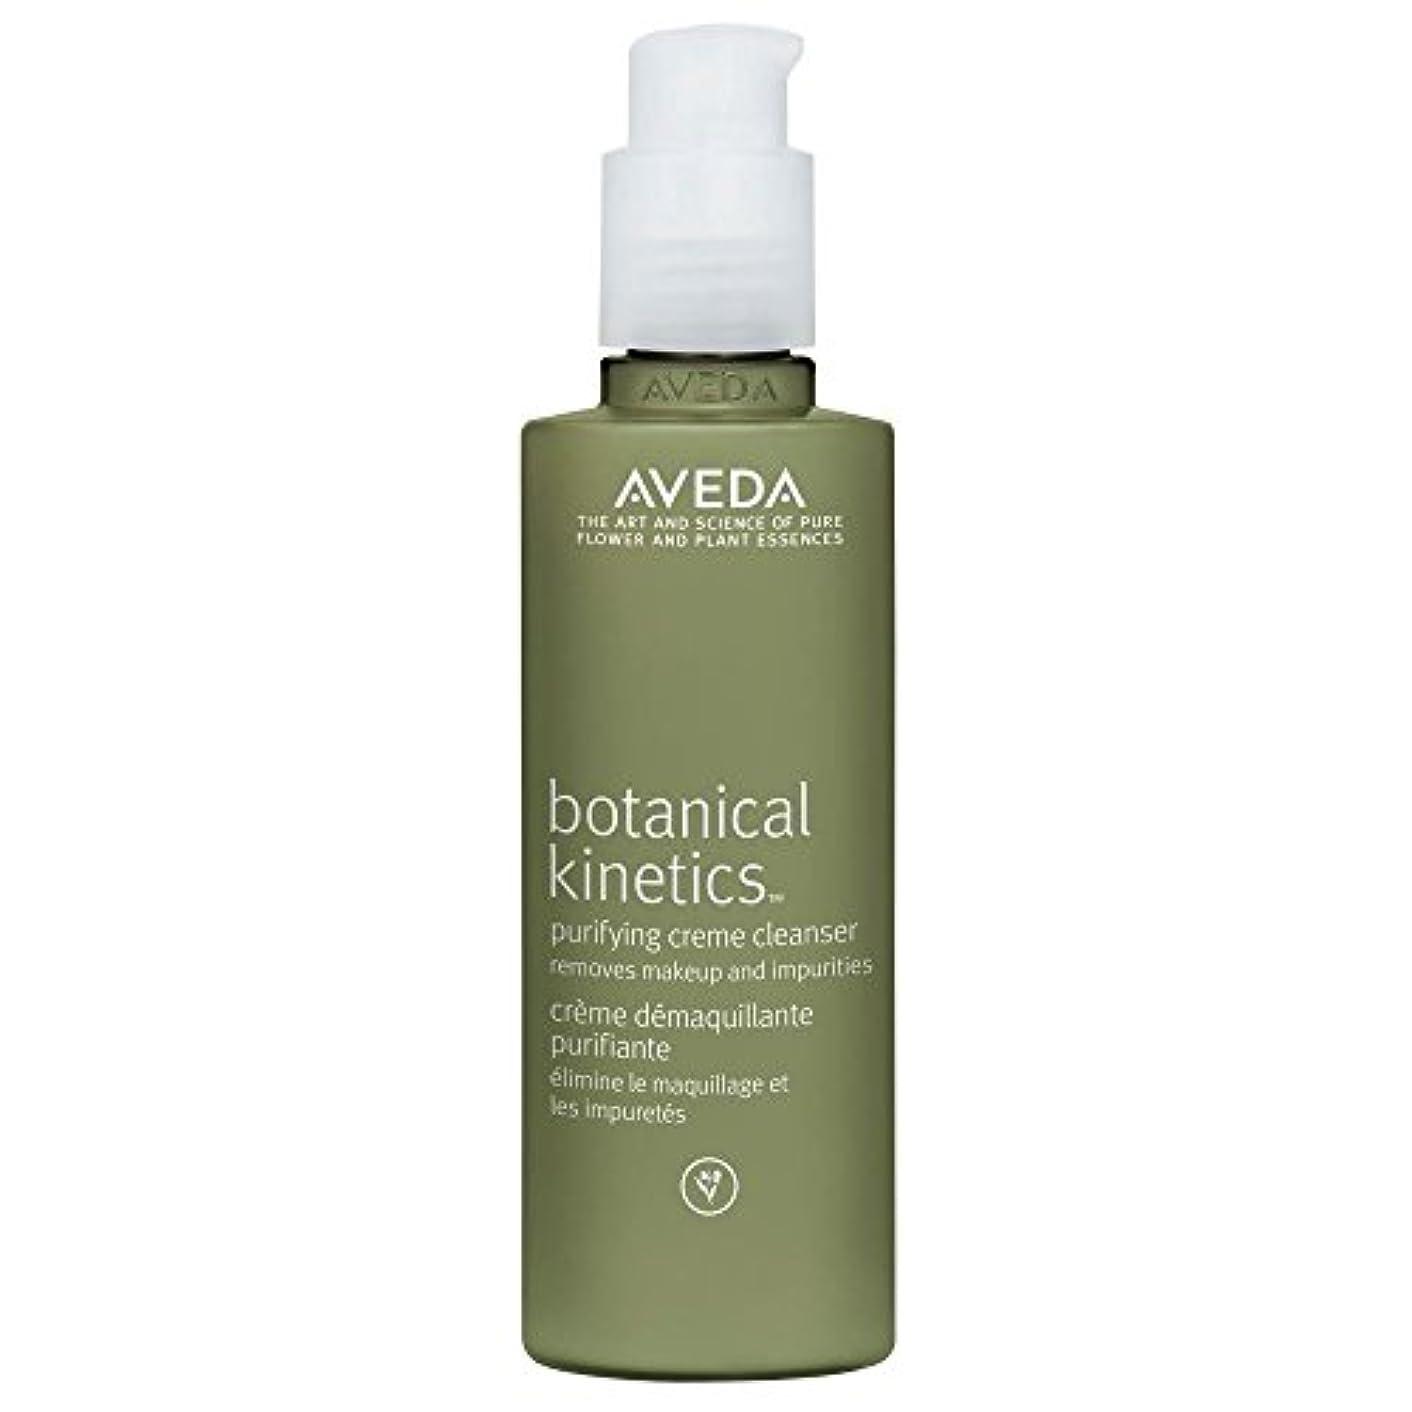 ラックテントハプニング[AVEDA] アヴェダボタニカルキネティクス浄化クリームクレンザー、150ミリリットル - Aveda Botanical Kinetics Purifying Creme Cleanser, 150ml [並行輸入品]